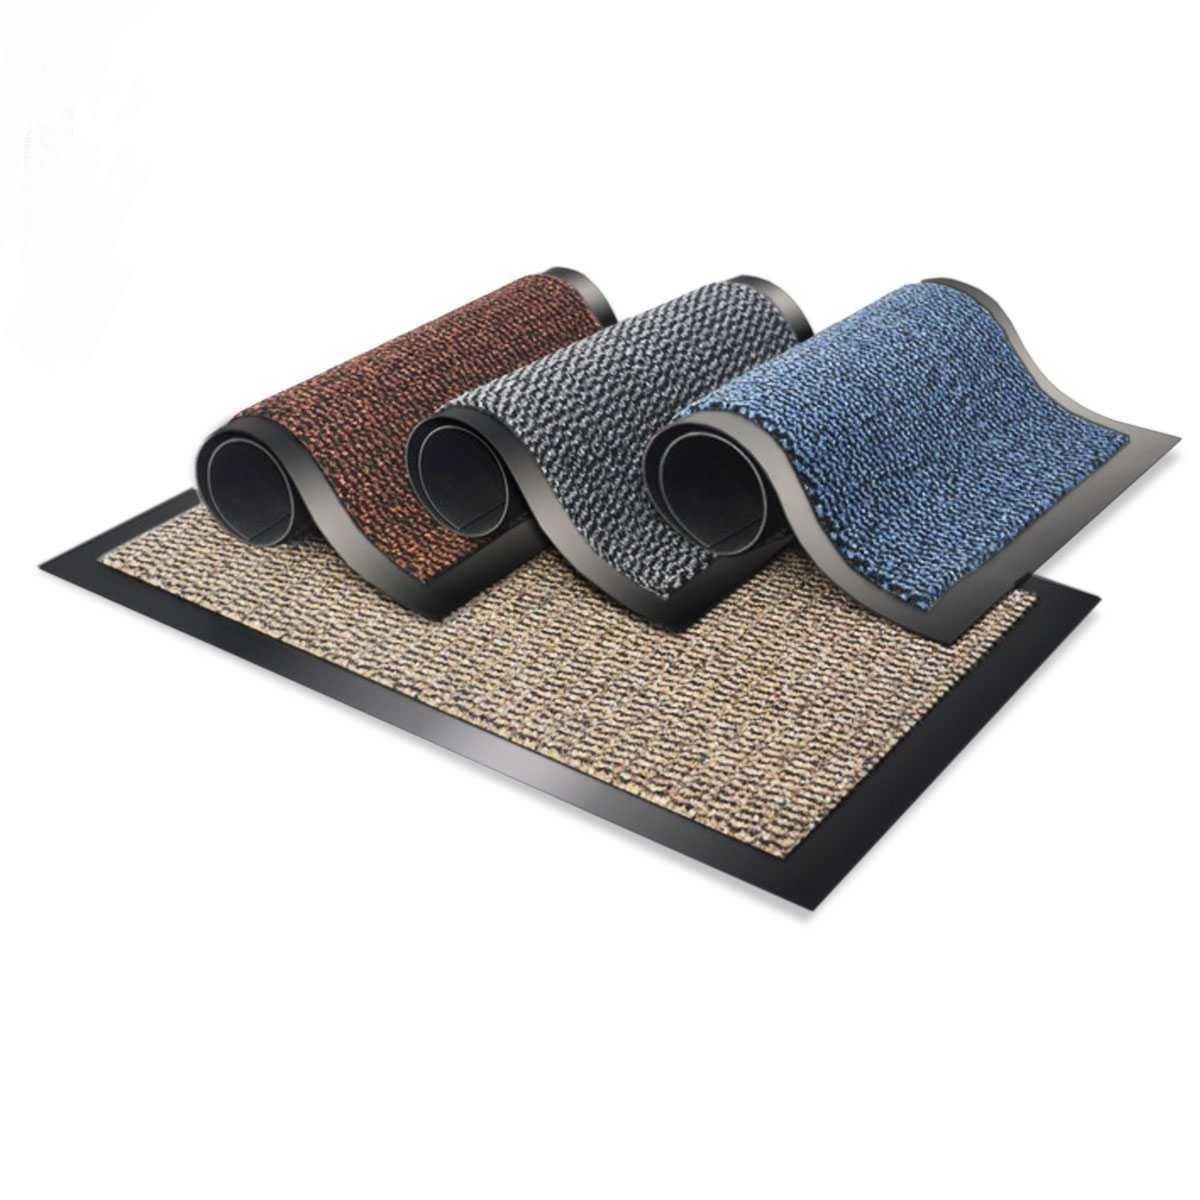 Schmutzfangmatte-waschbar-in-verschiedenen-farben